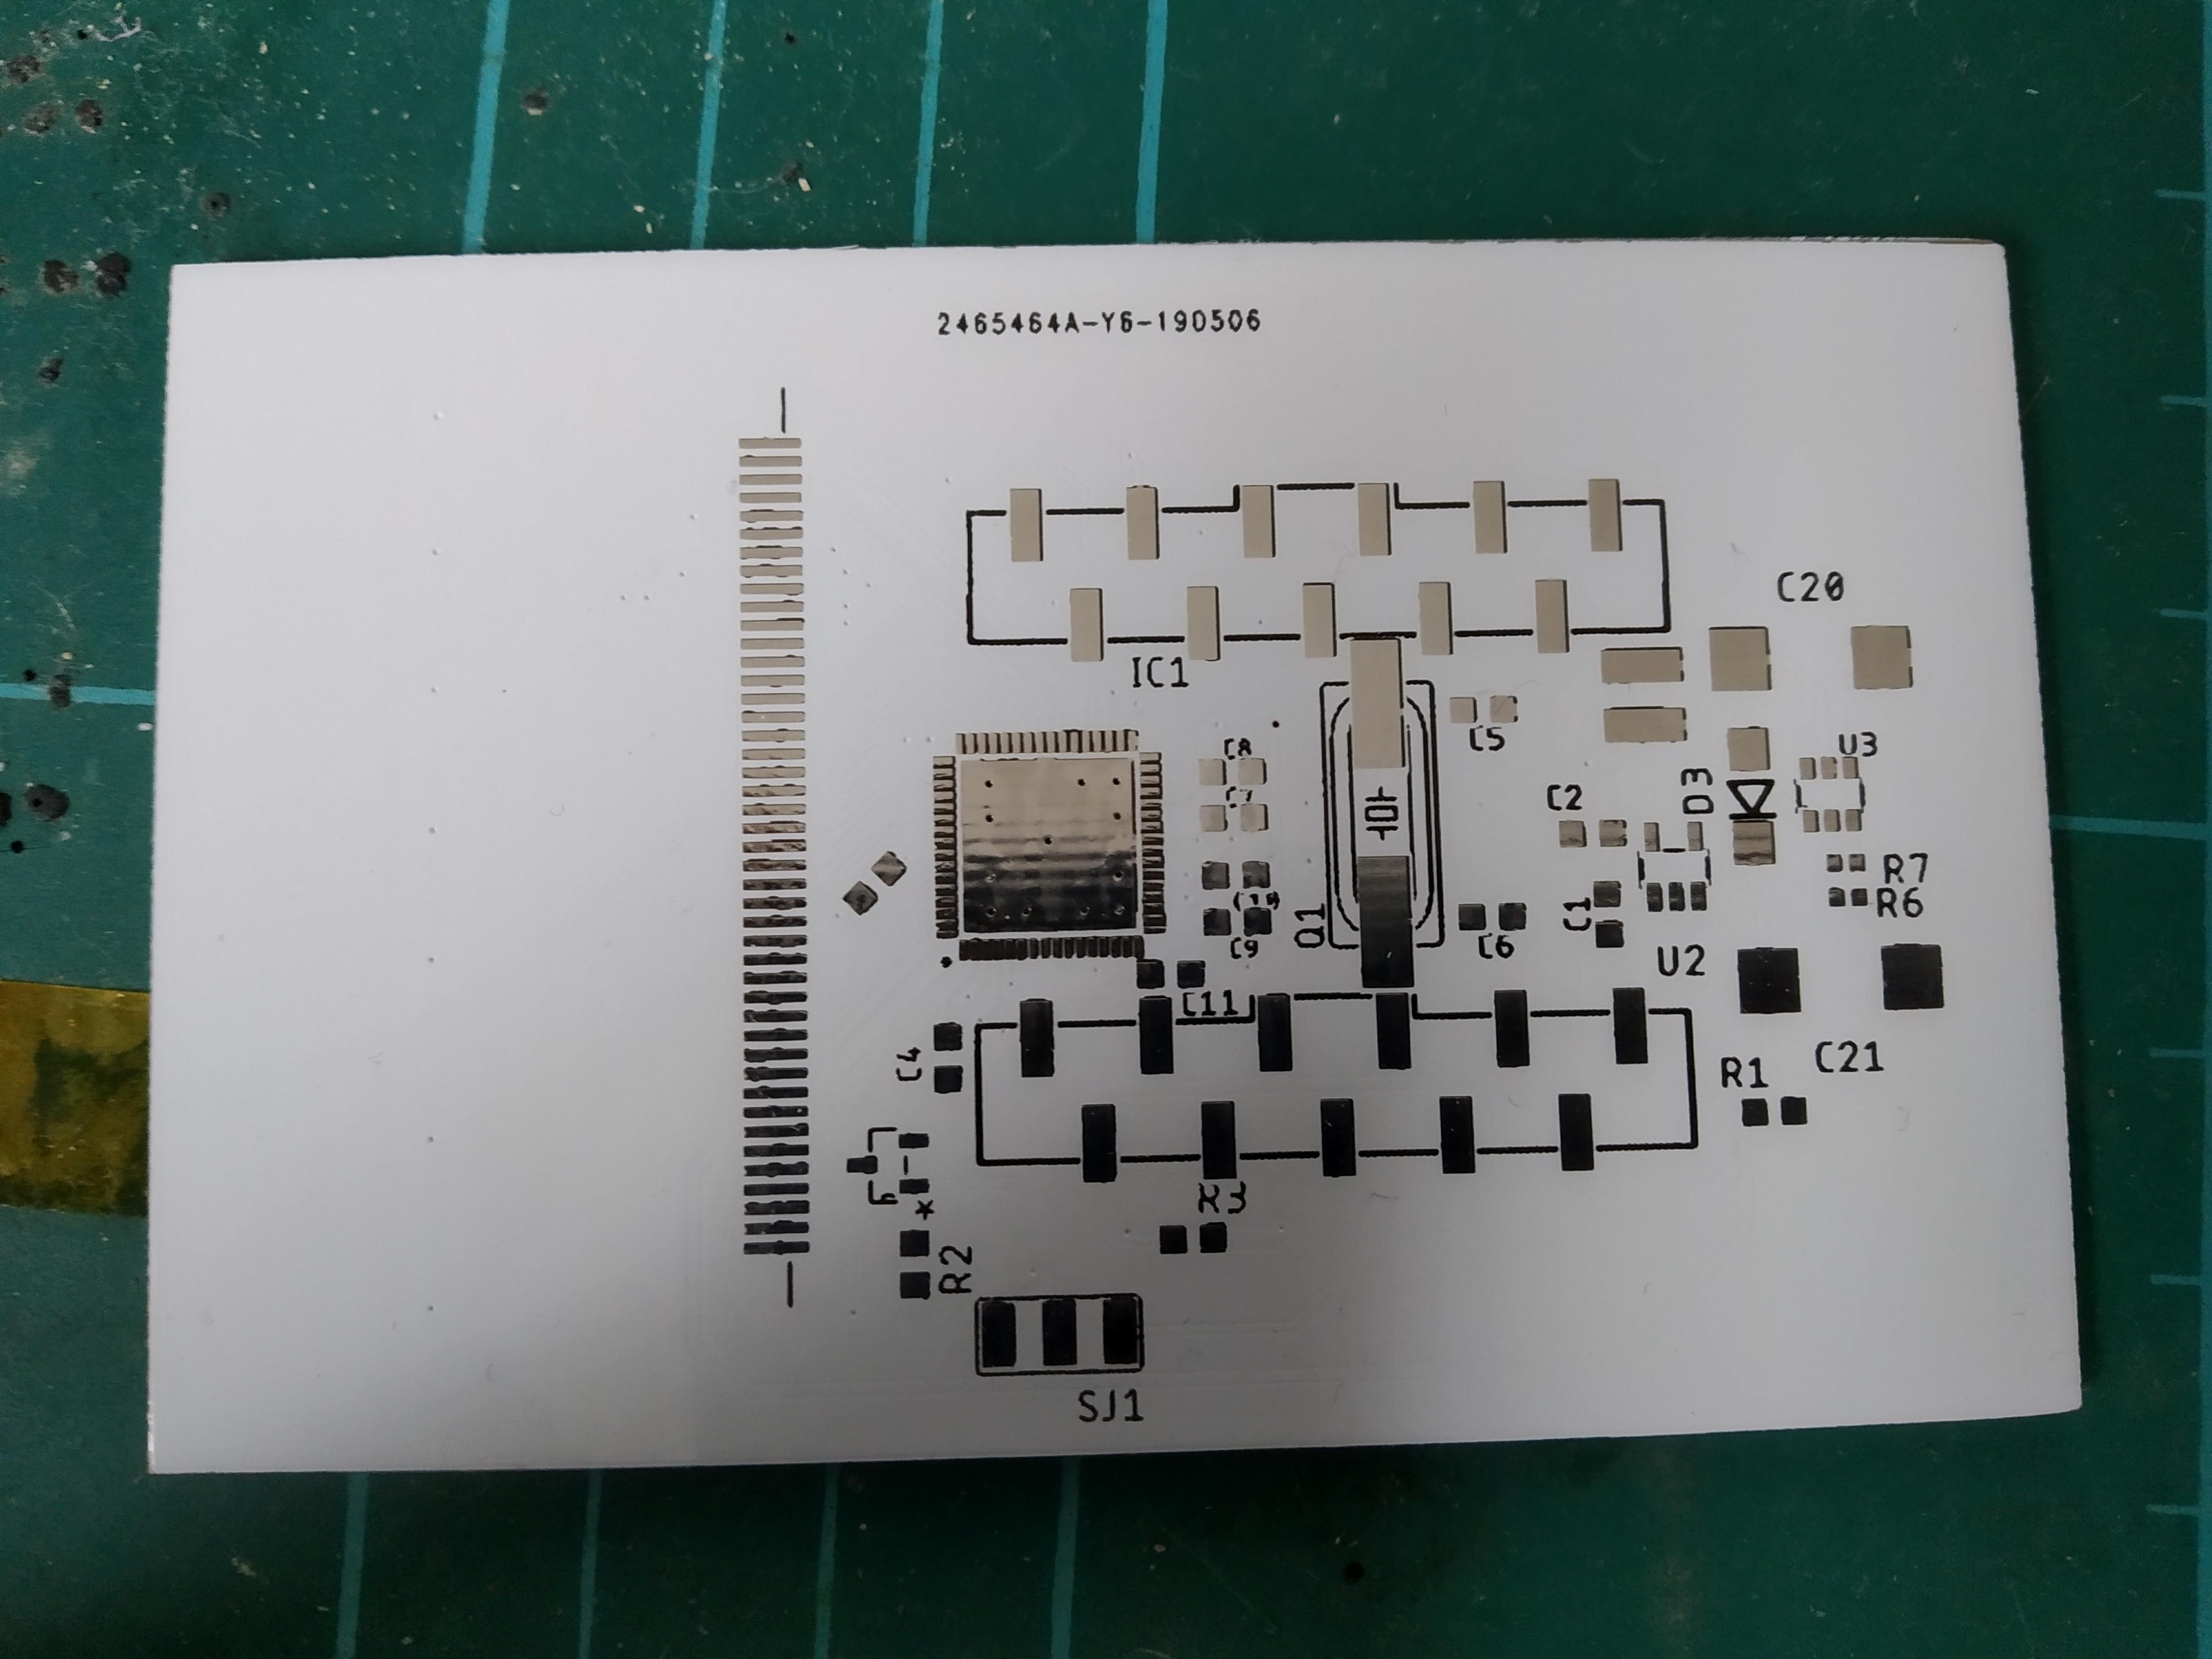 LCD4Linux na E2 - wlasny rodzaj wyswietlacza